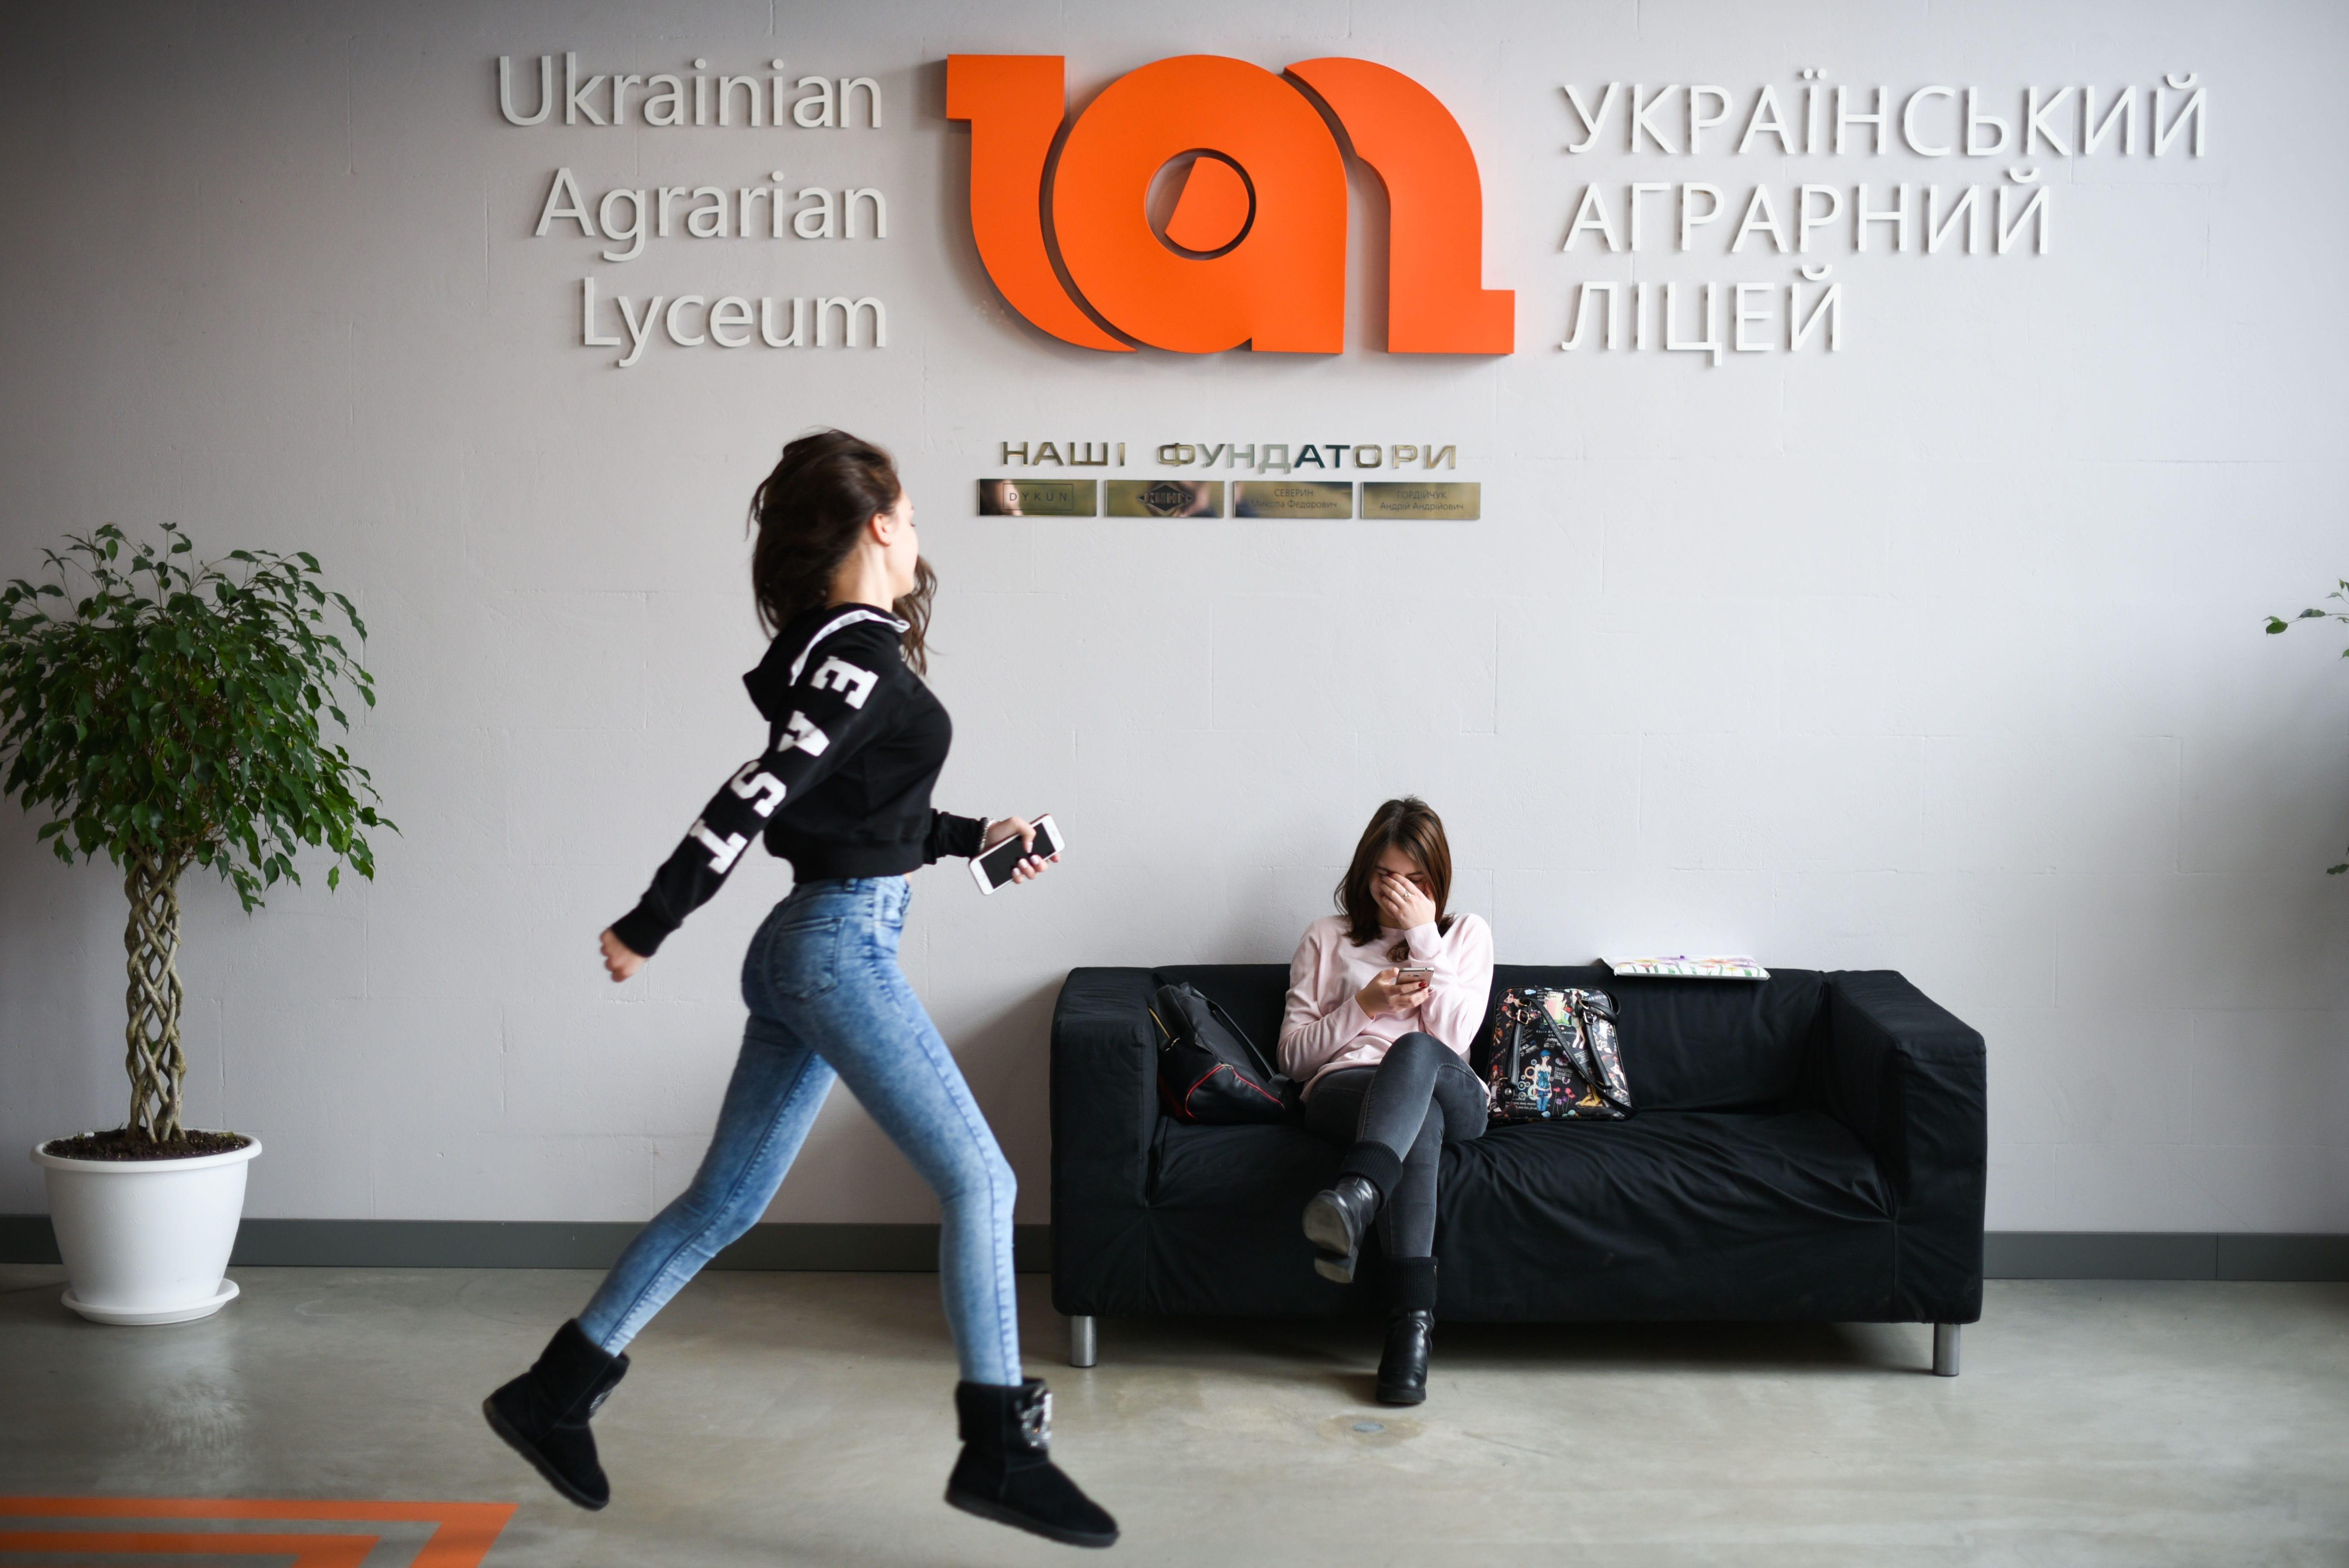 Освіторія: Як в Українському аграрному ліцеї заохочують вчитися власною валютою